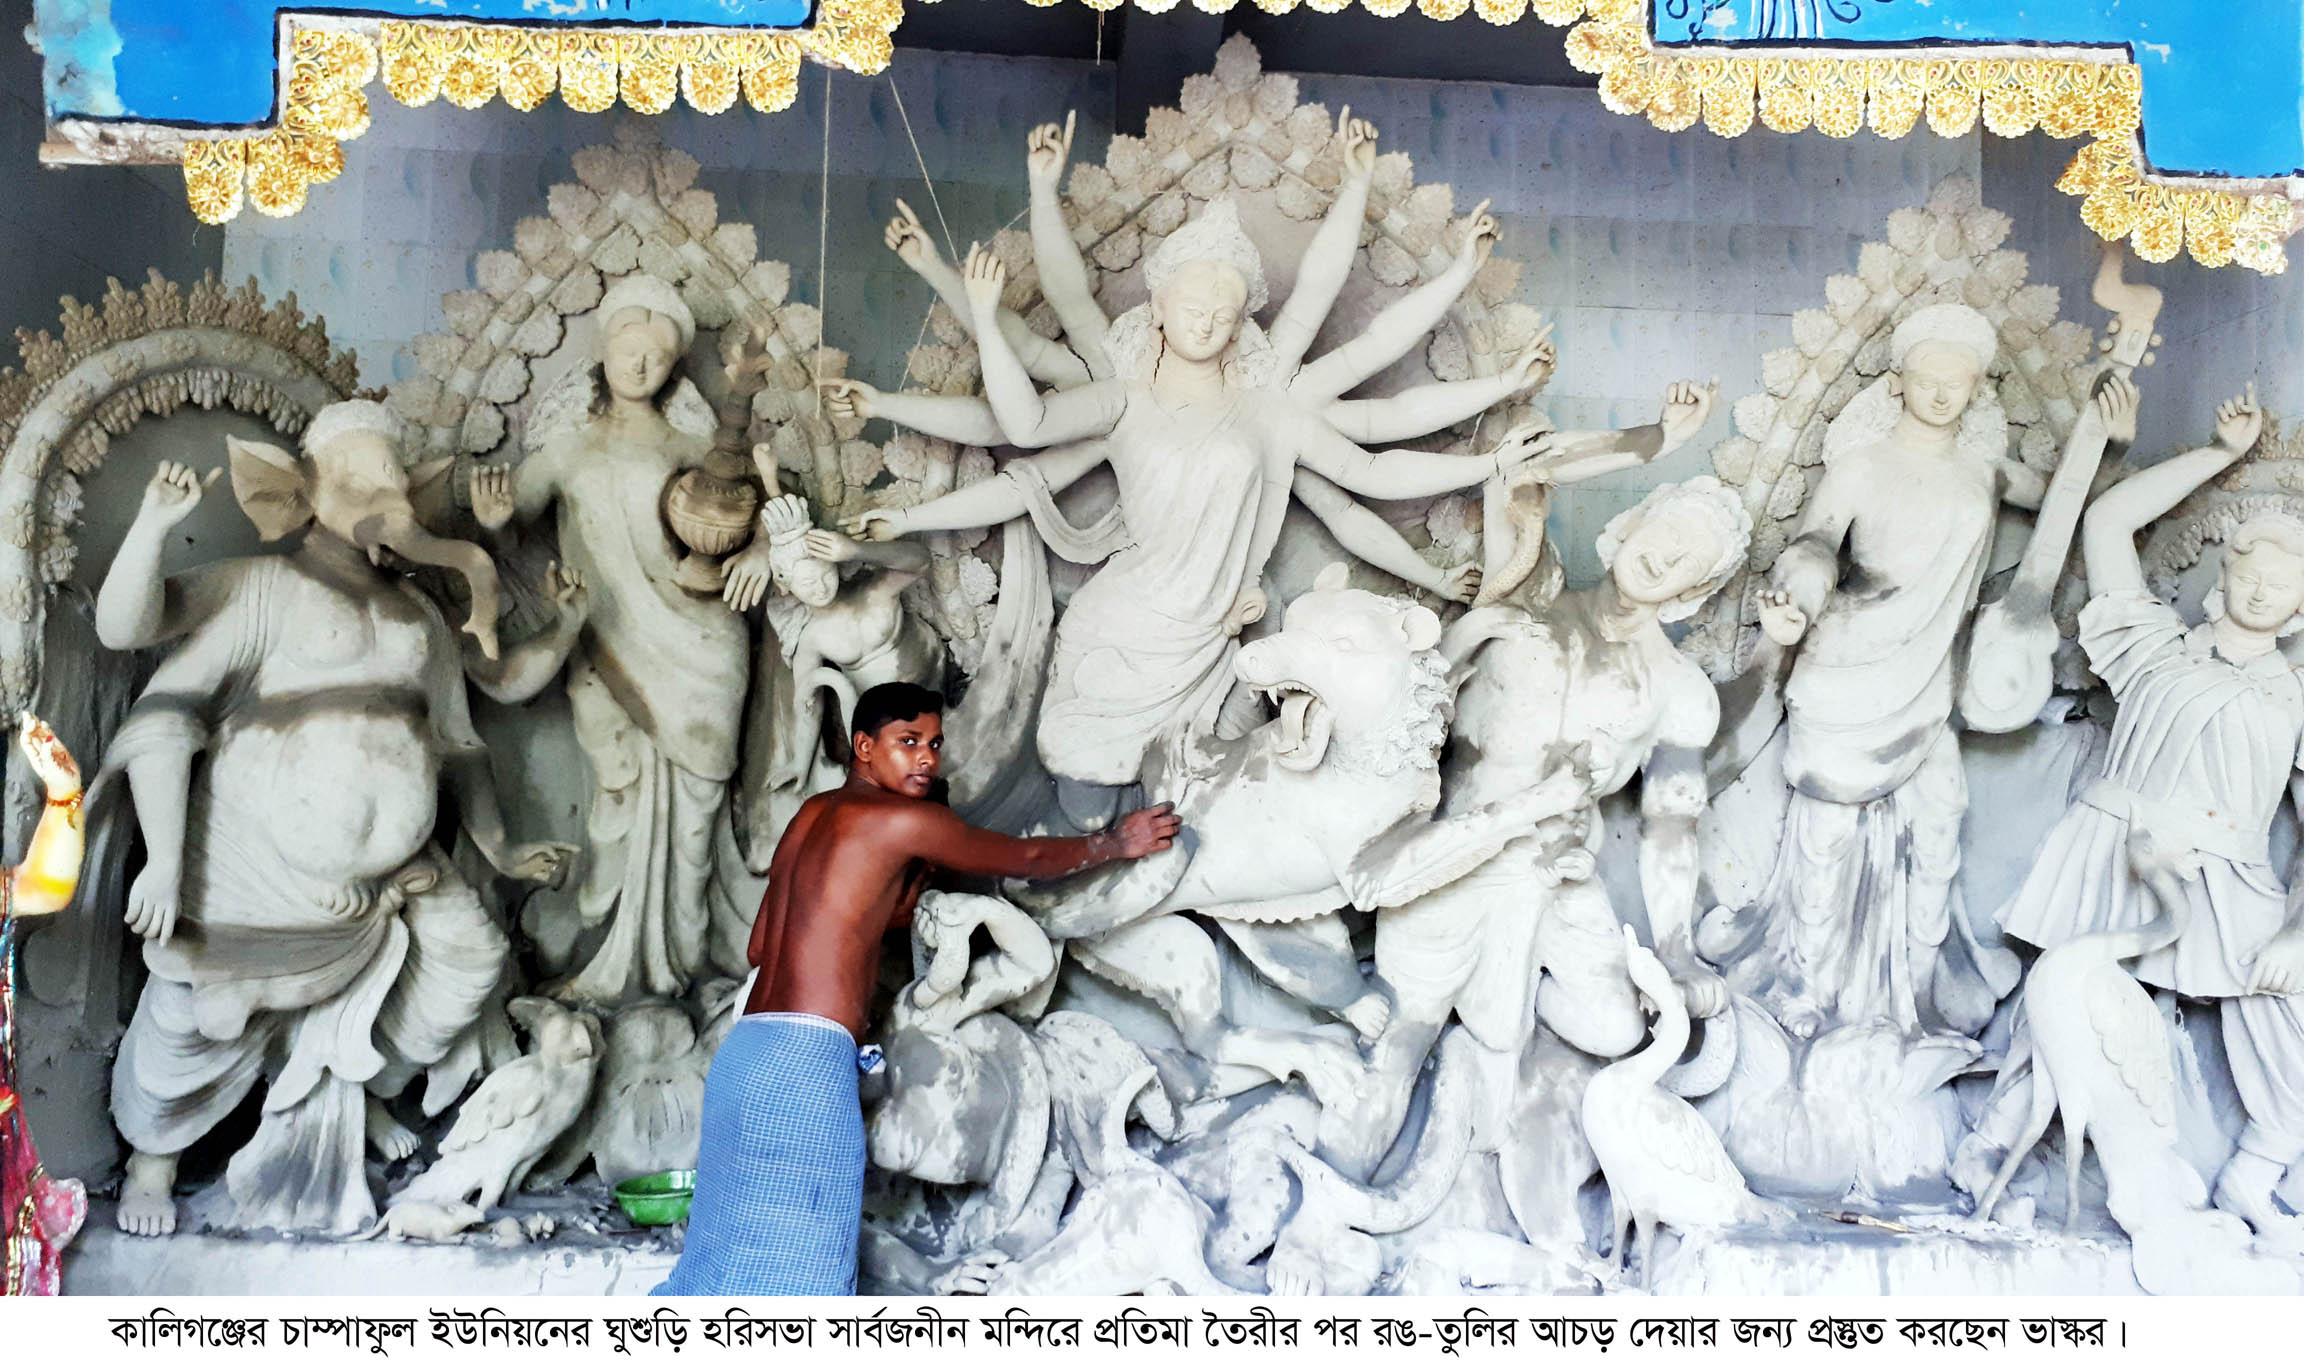 কালিগঞ্জে ৫১মন্ডপে জোরেশোরে চলছে শারদীয় দুর্গোৎসবের প্রস্তুতি